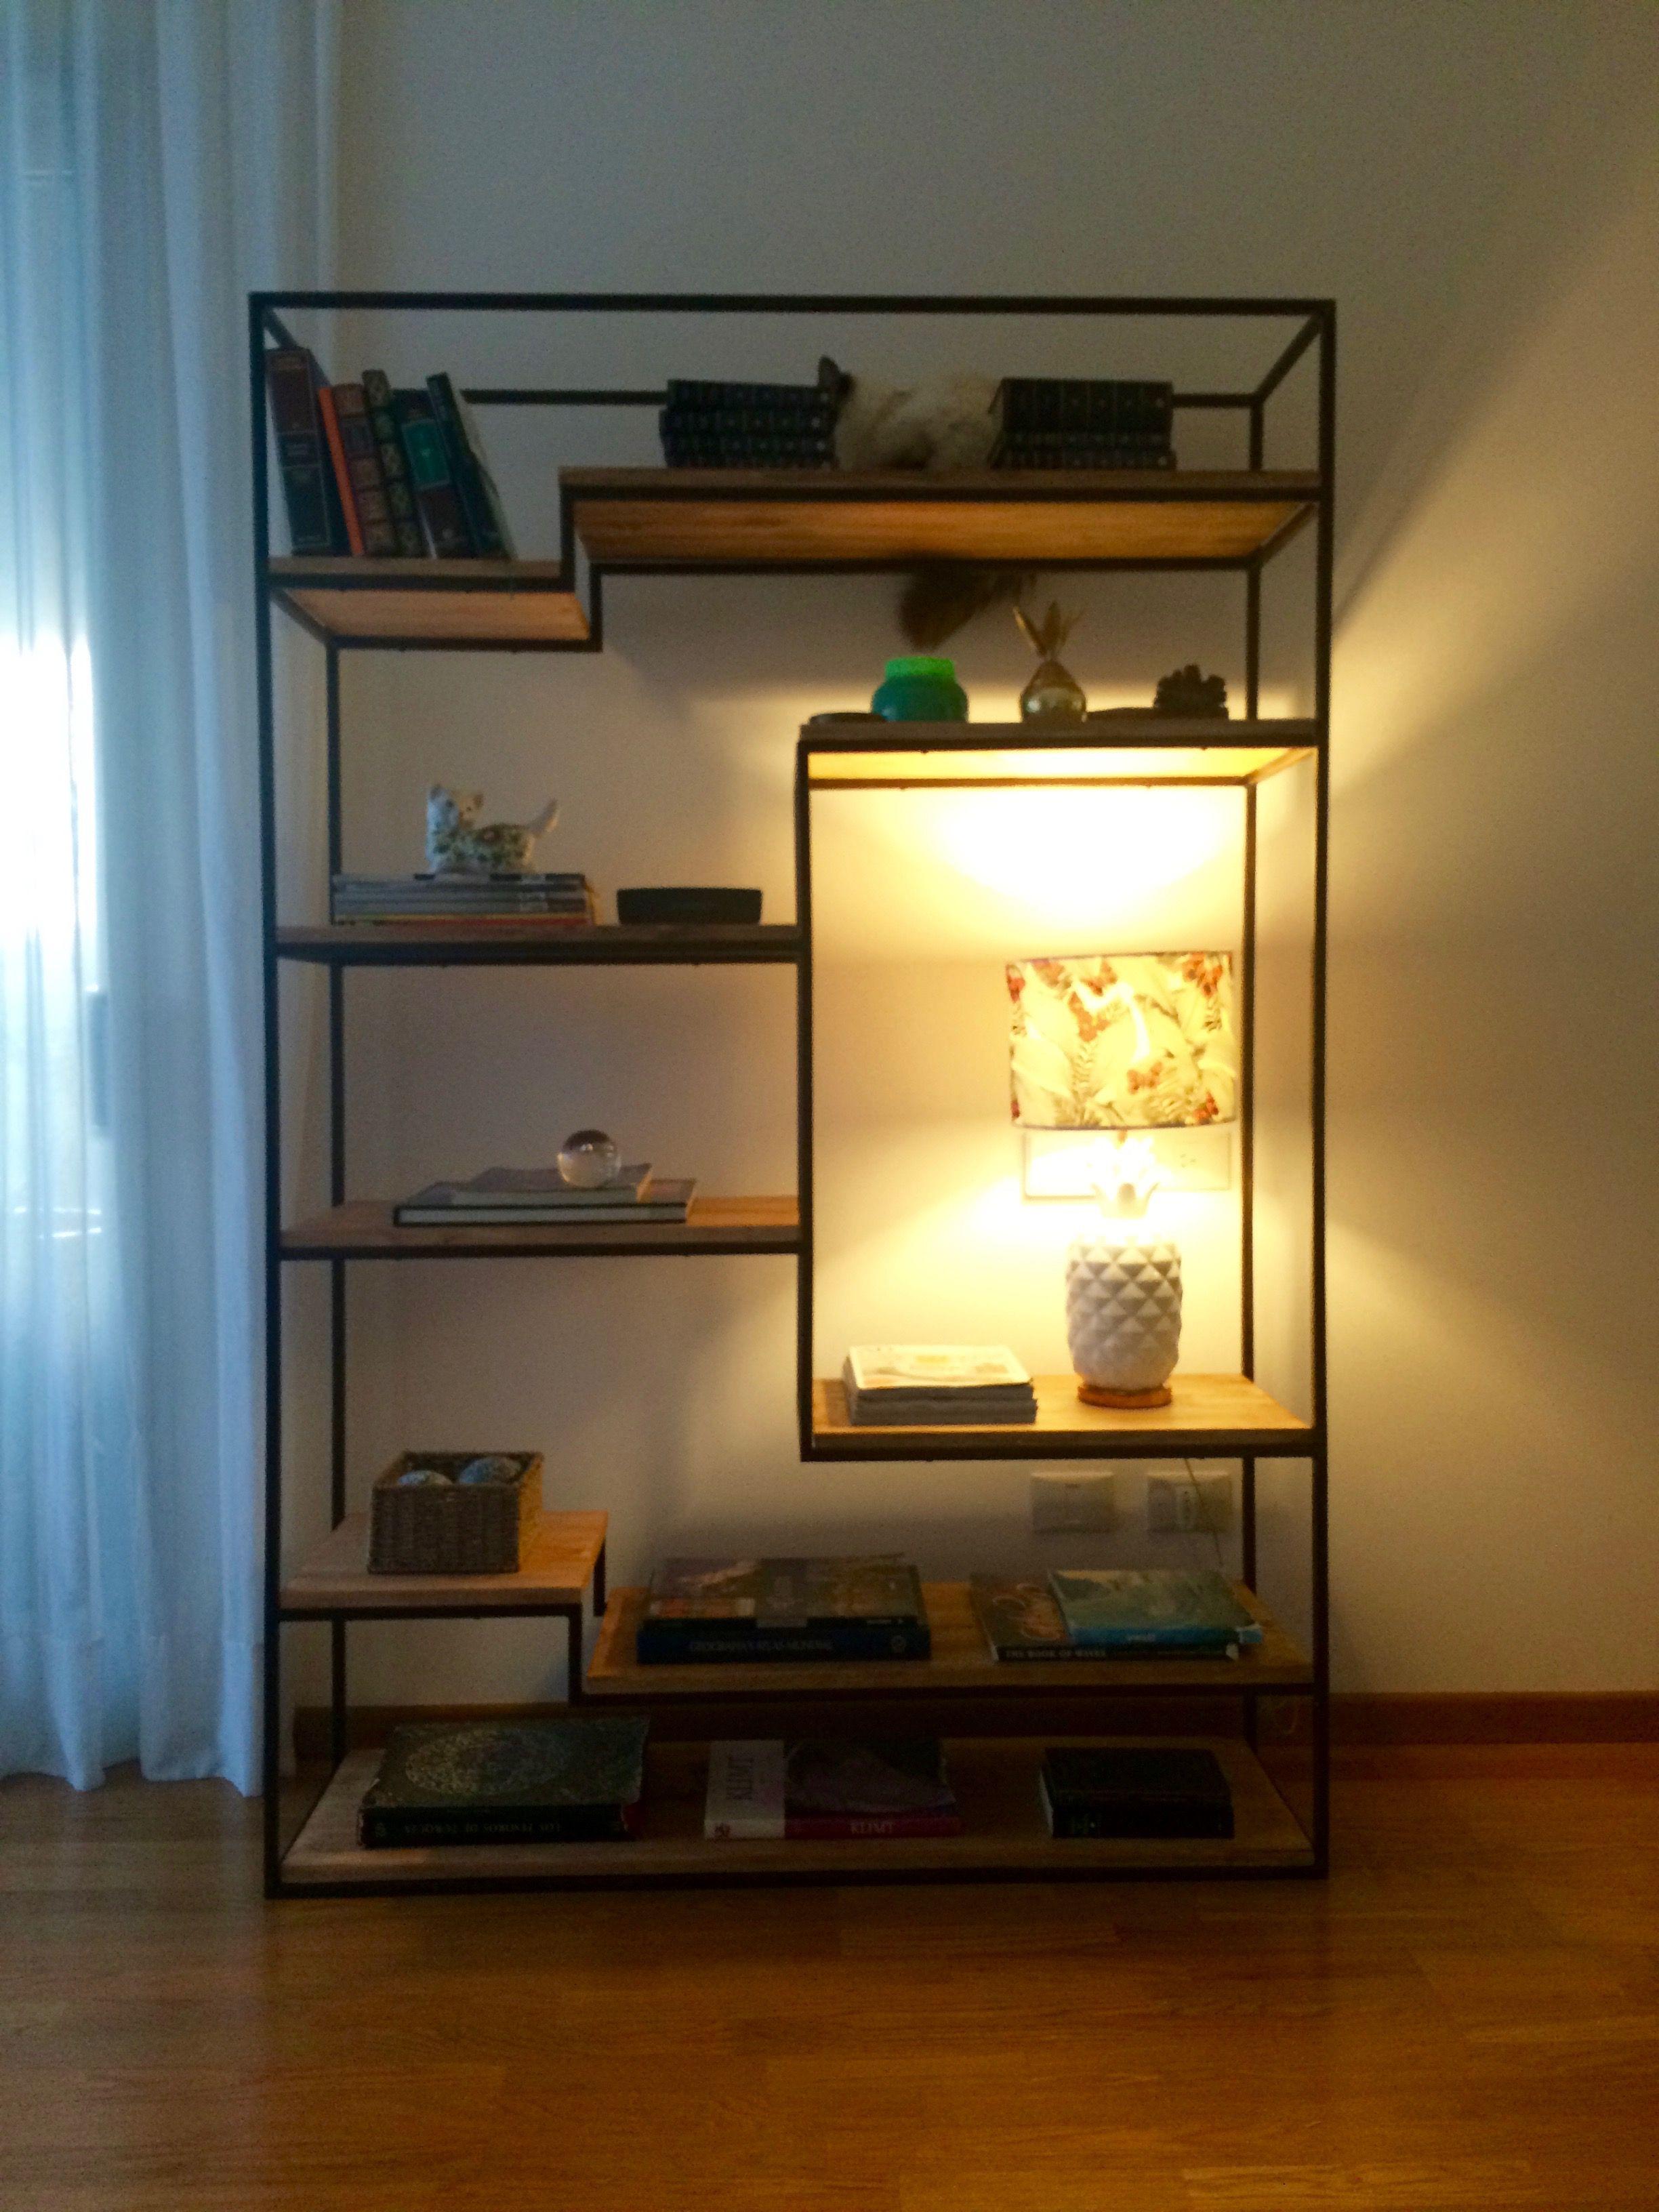 Biblioteca estilo industrial de hierro con estantes de for Muebles industriales metal baratos